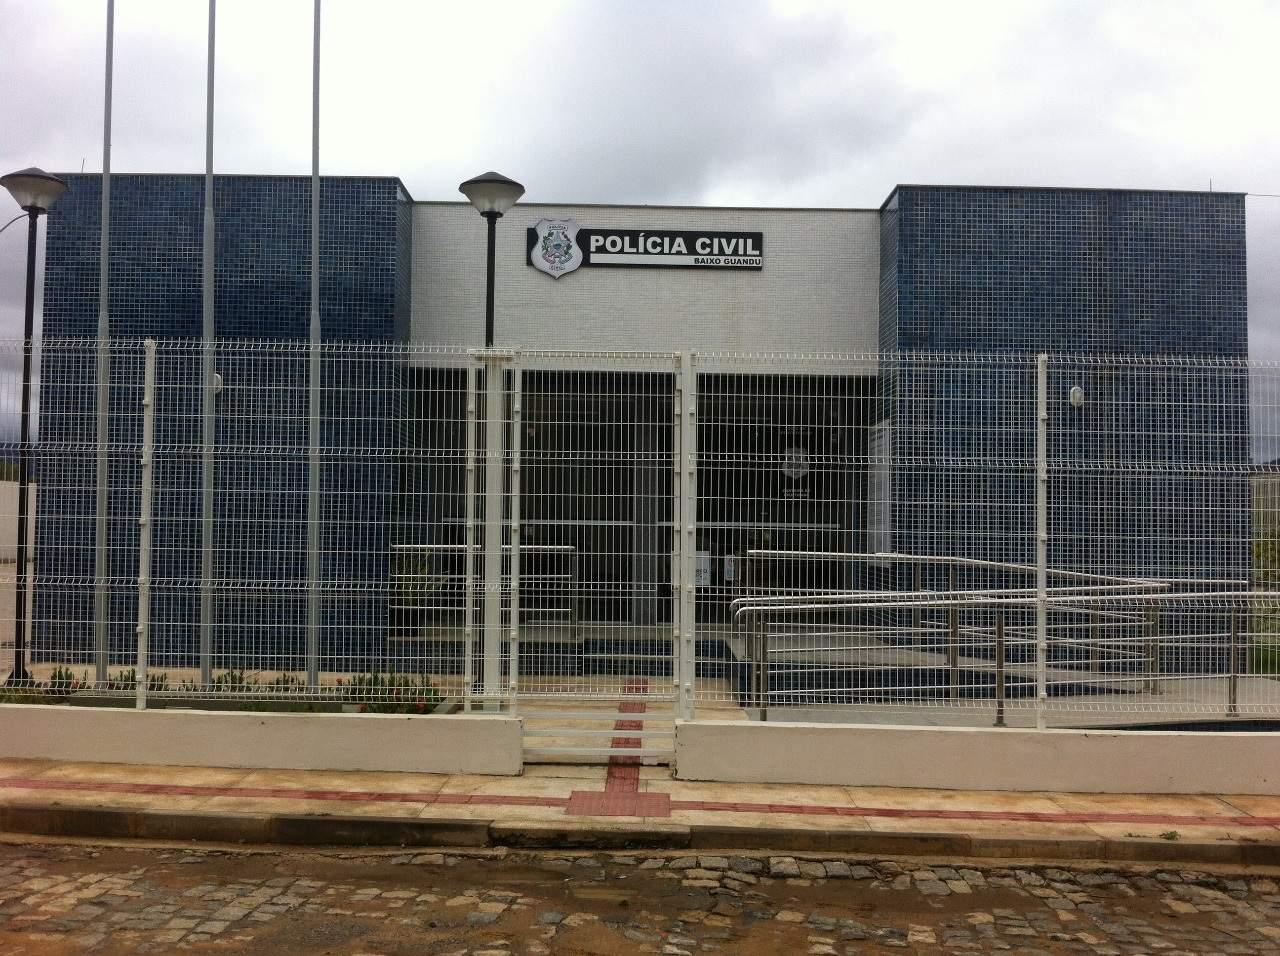 Suspeitos de homicídio são presos em Baixo Guandu; detida era ex-companheira da vítima